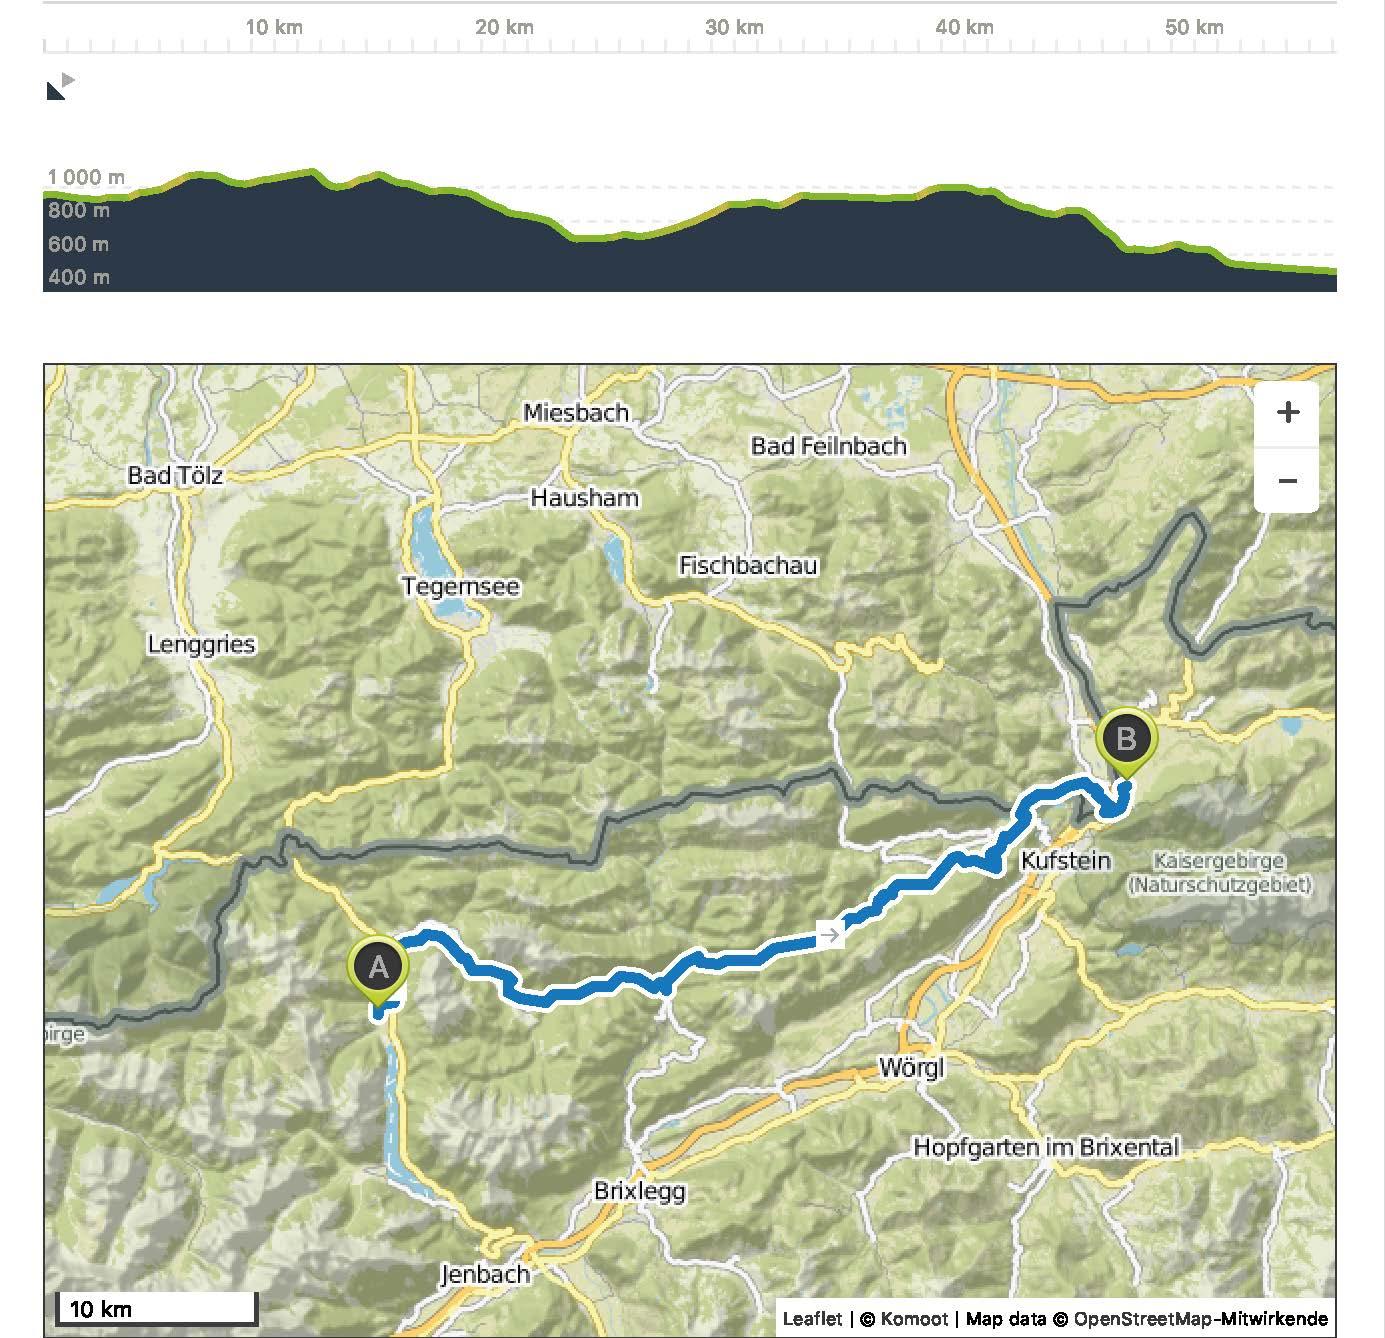 FC5-62-994-1481 _ Mountainbike-Tour _ Komoot